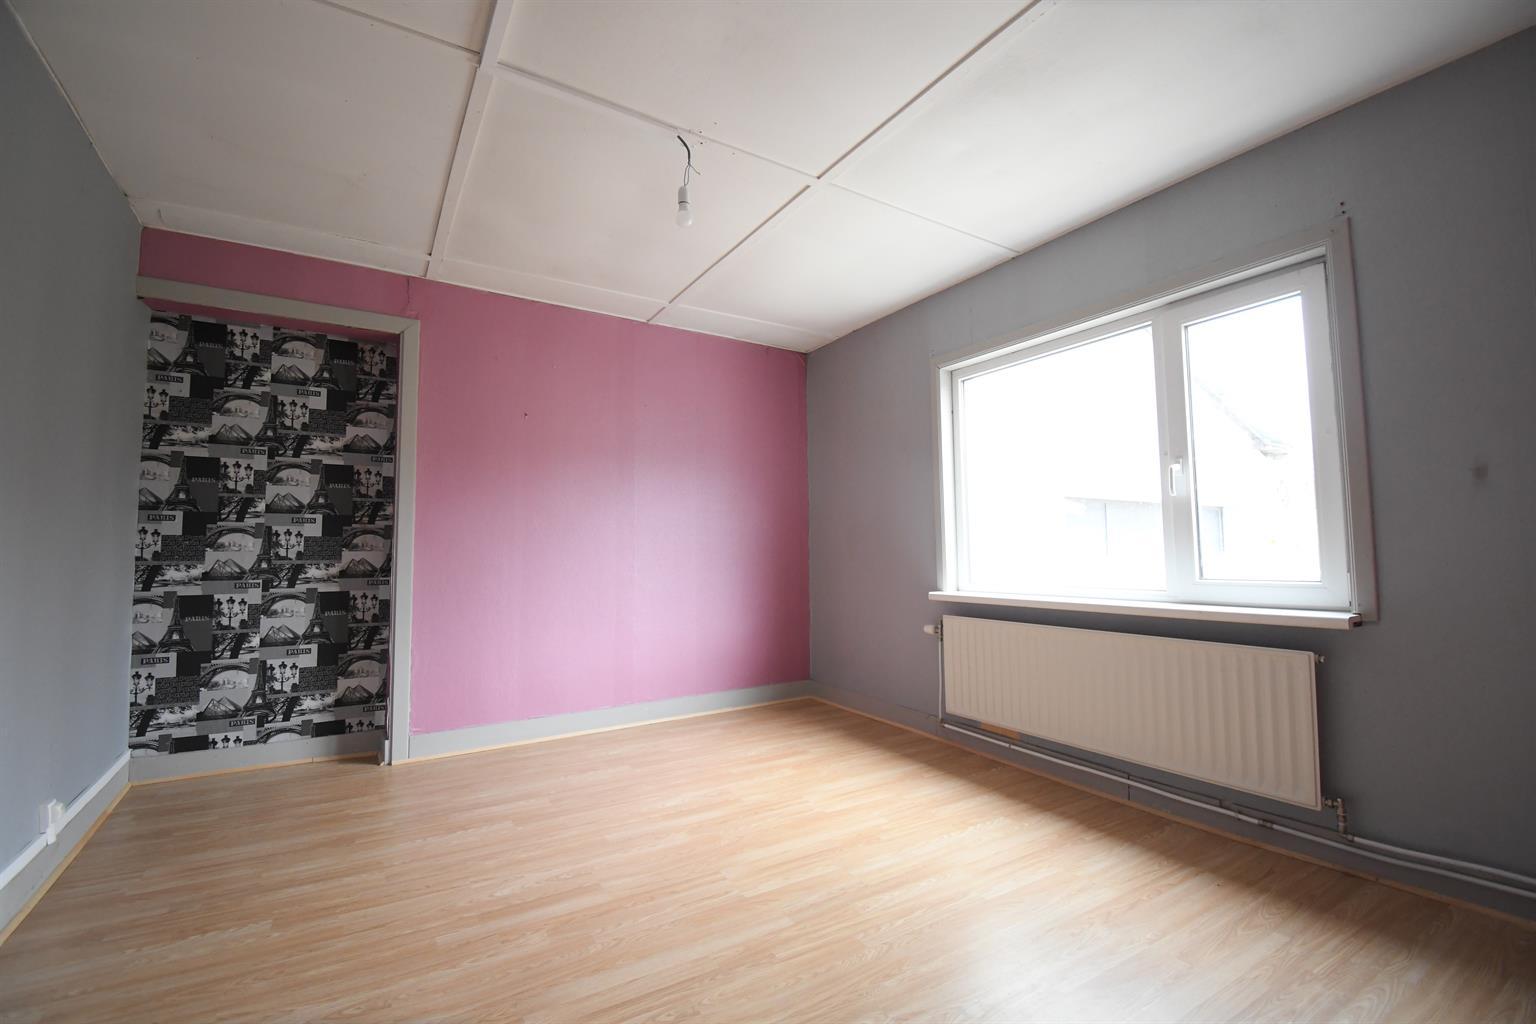 Appartement - Braine-le-Comte - #4407219-5